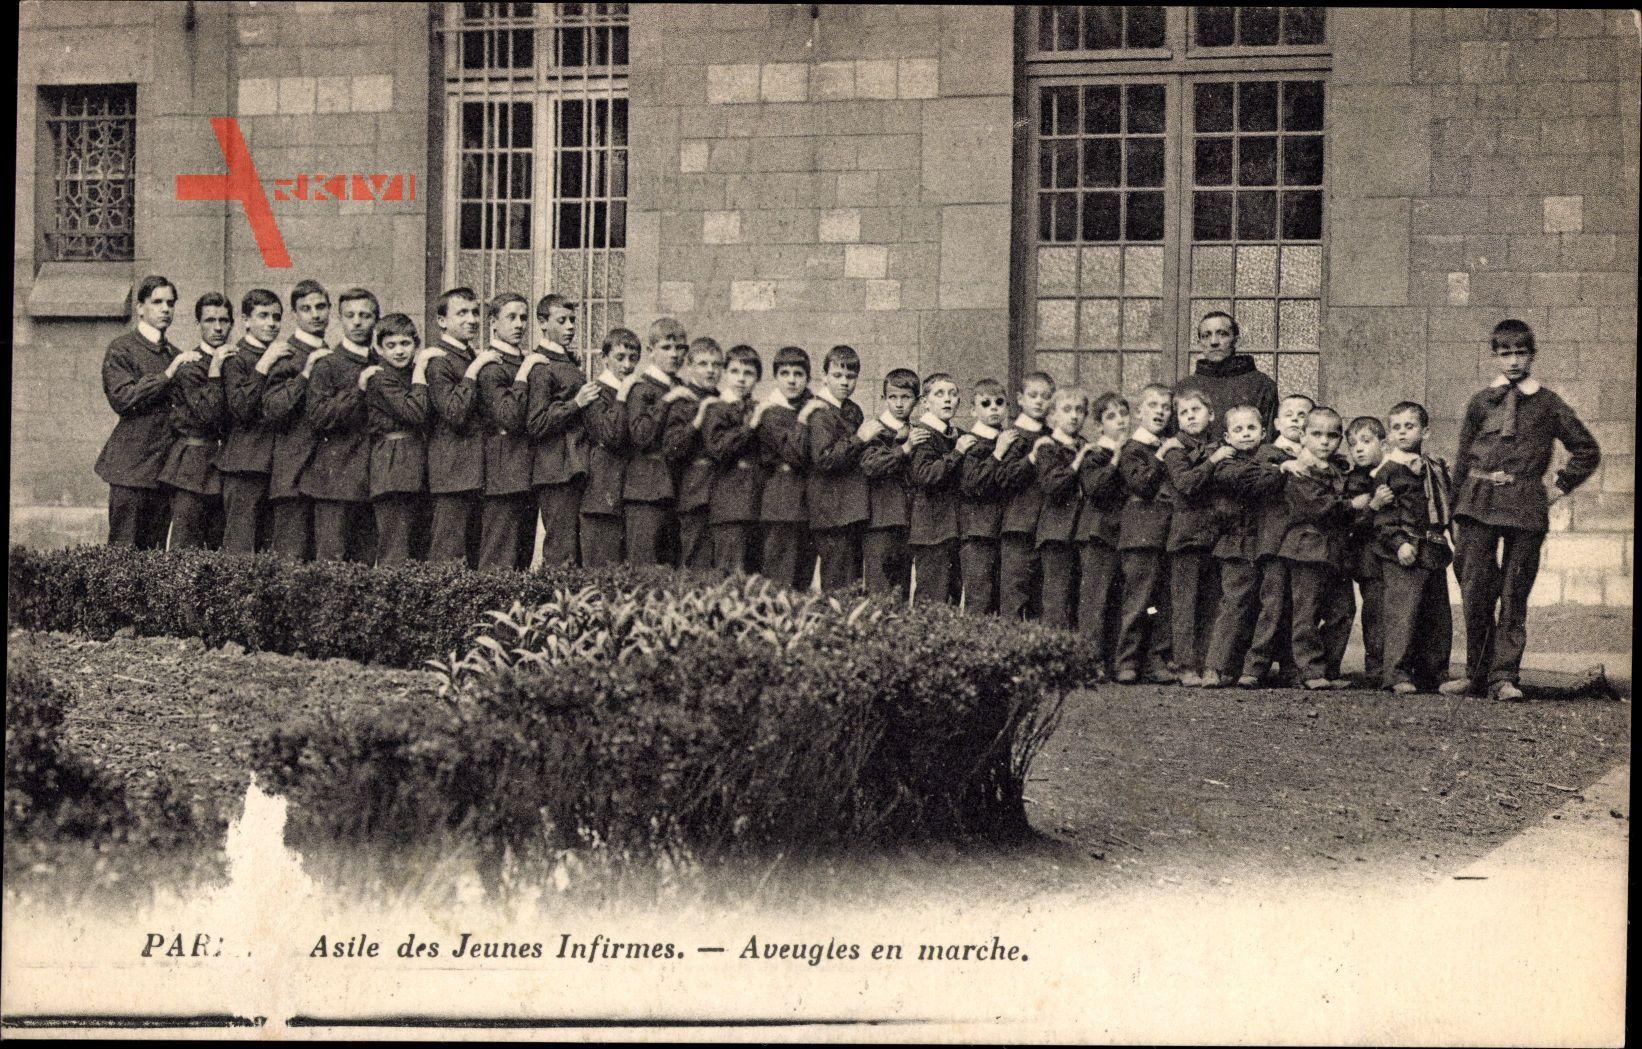 Paris, Asile des Jeunes Infirmes, Aveugles en marche, Blinde Kinder